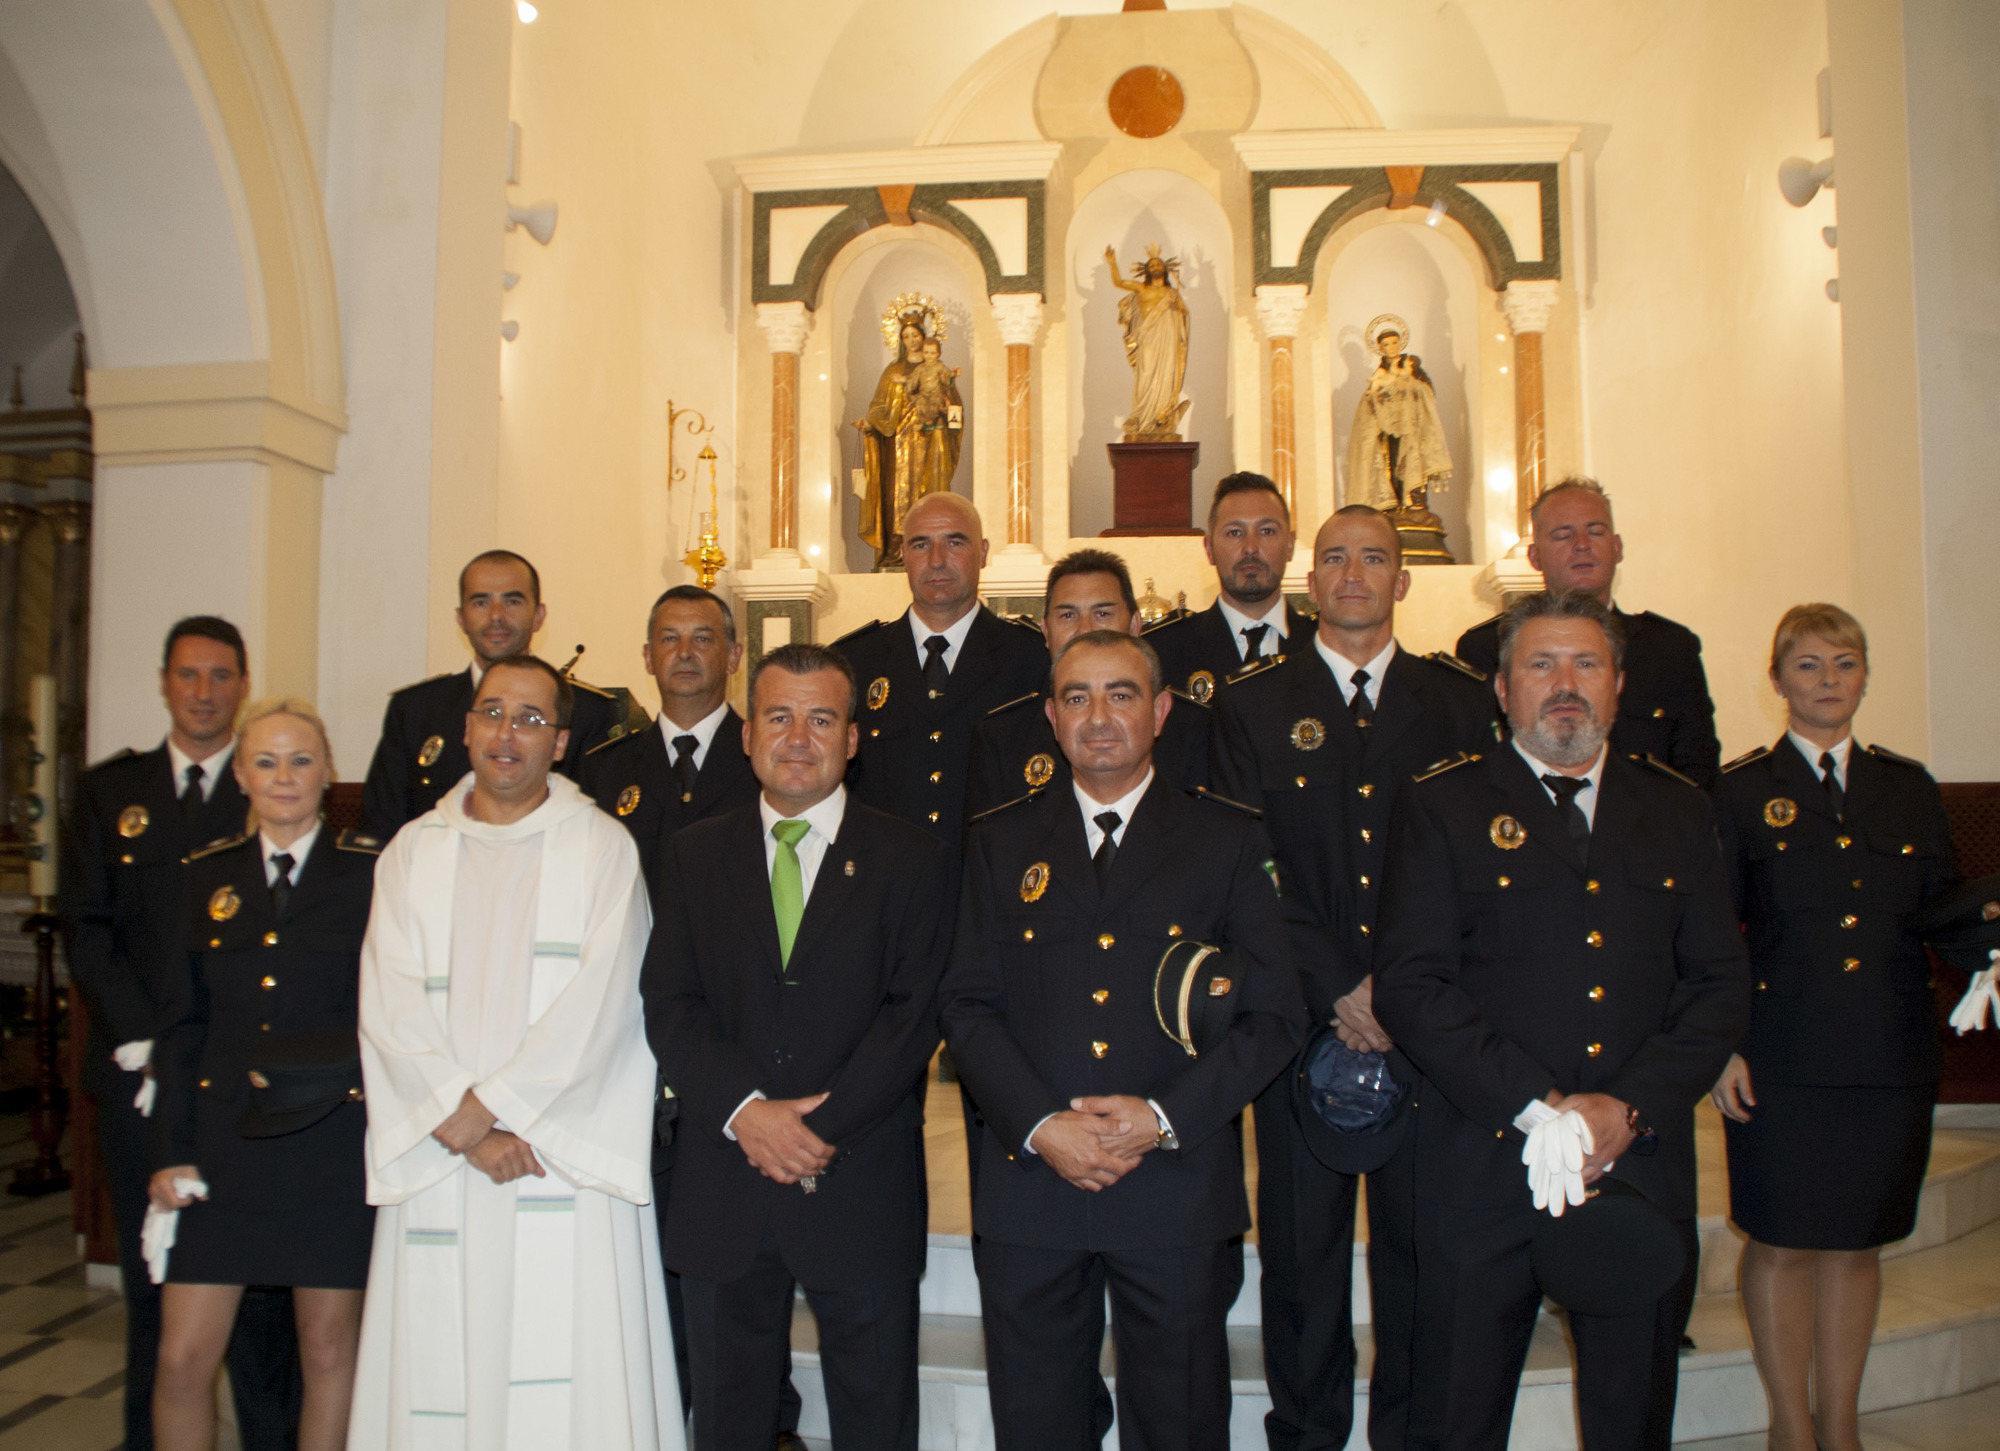 La Policía Local de Carboneras celebró el día de su patrón con actos y reconocimientos